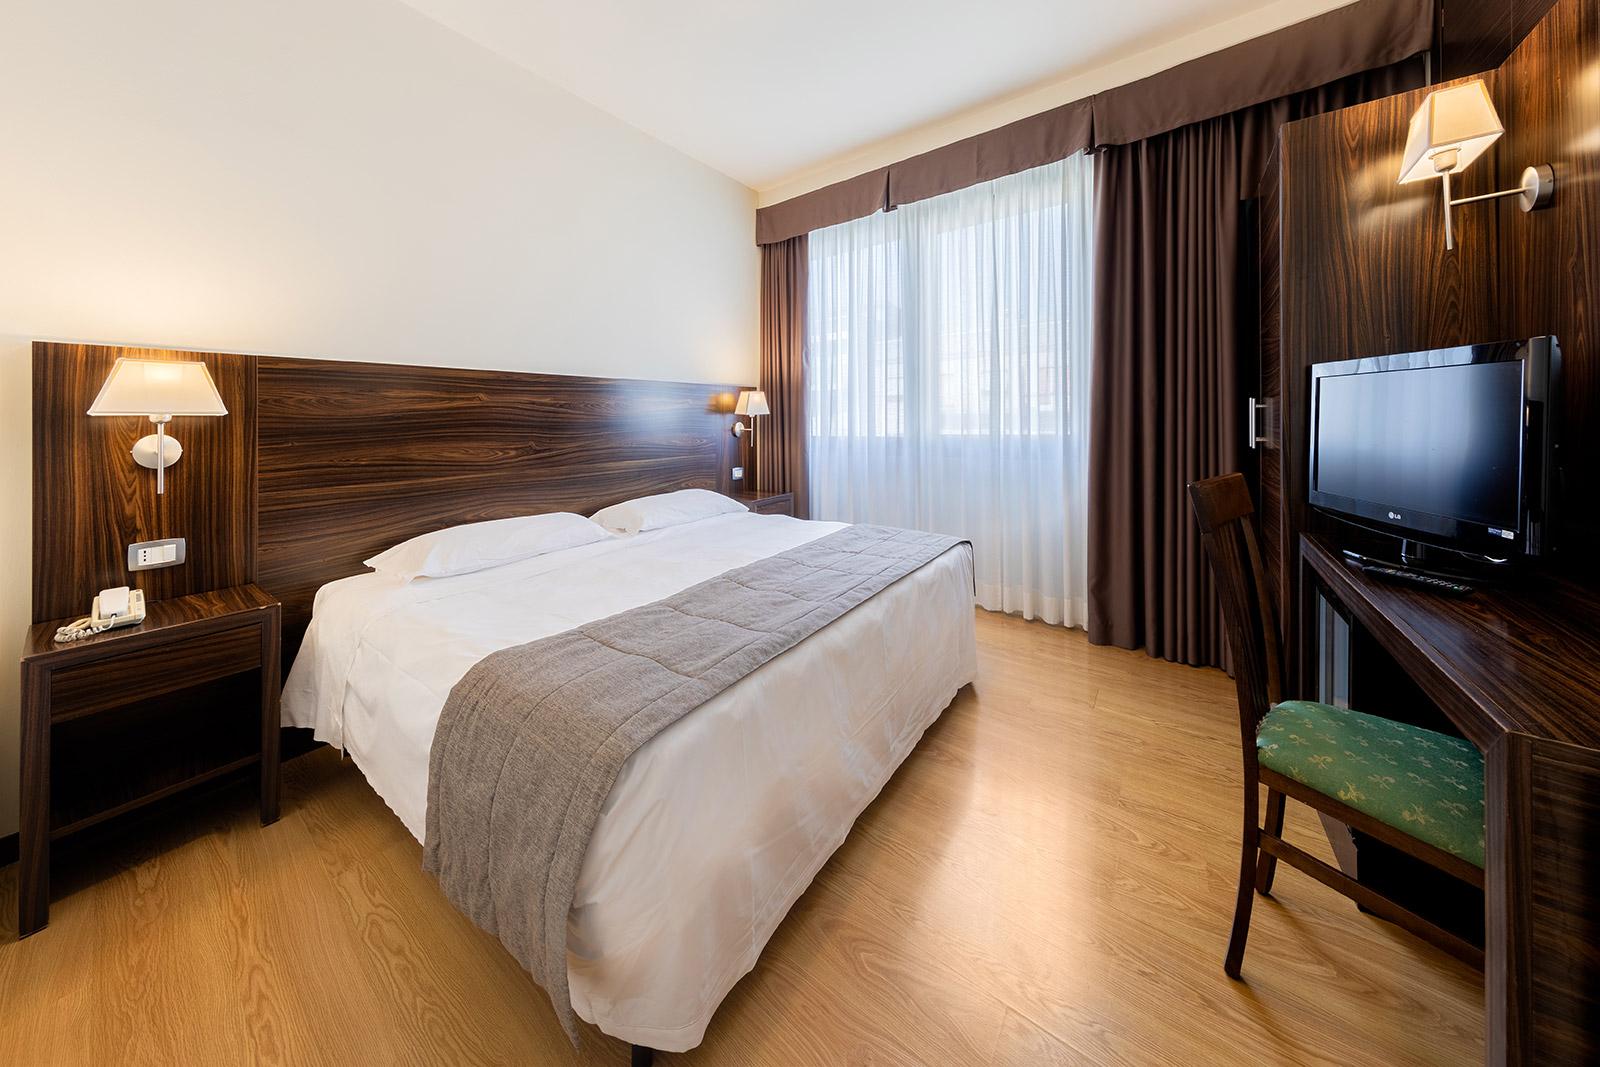 camera-hotel-delfino-venezia